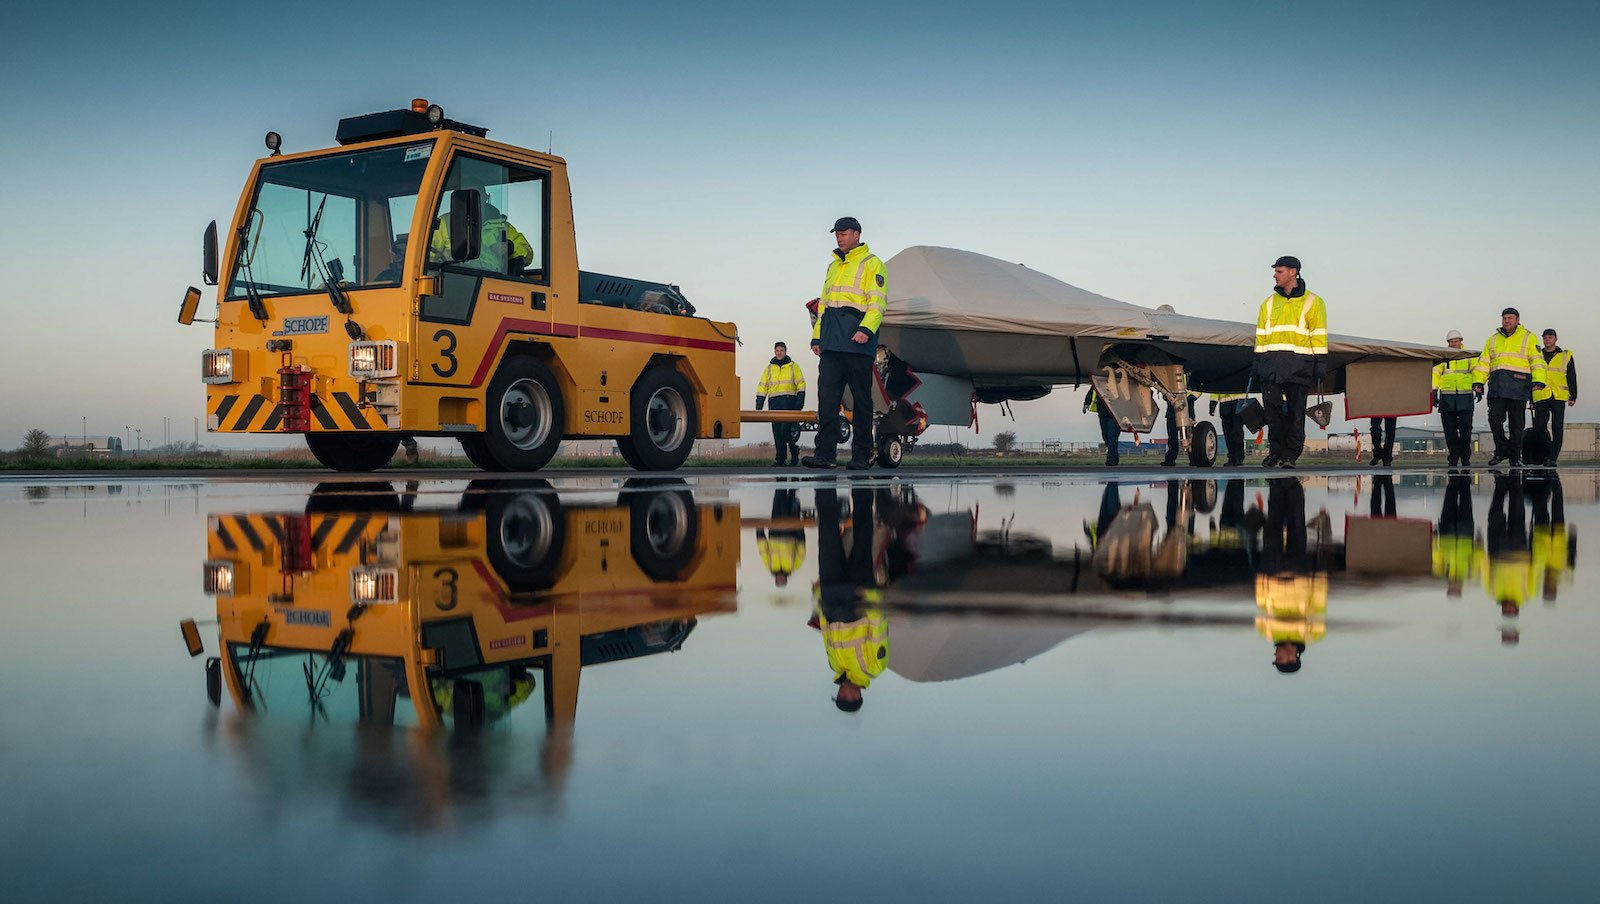 Taranis ist kompakt gebaut. Bei Testflügen steuern an der Entwicklung beteiligte Ingenieure sie vom Boden aus. Bei Überschallgeschwindigkeit kann sie auch autonom fliegen.